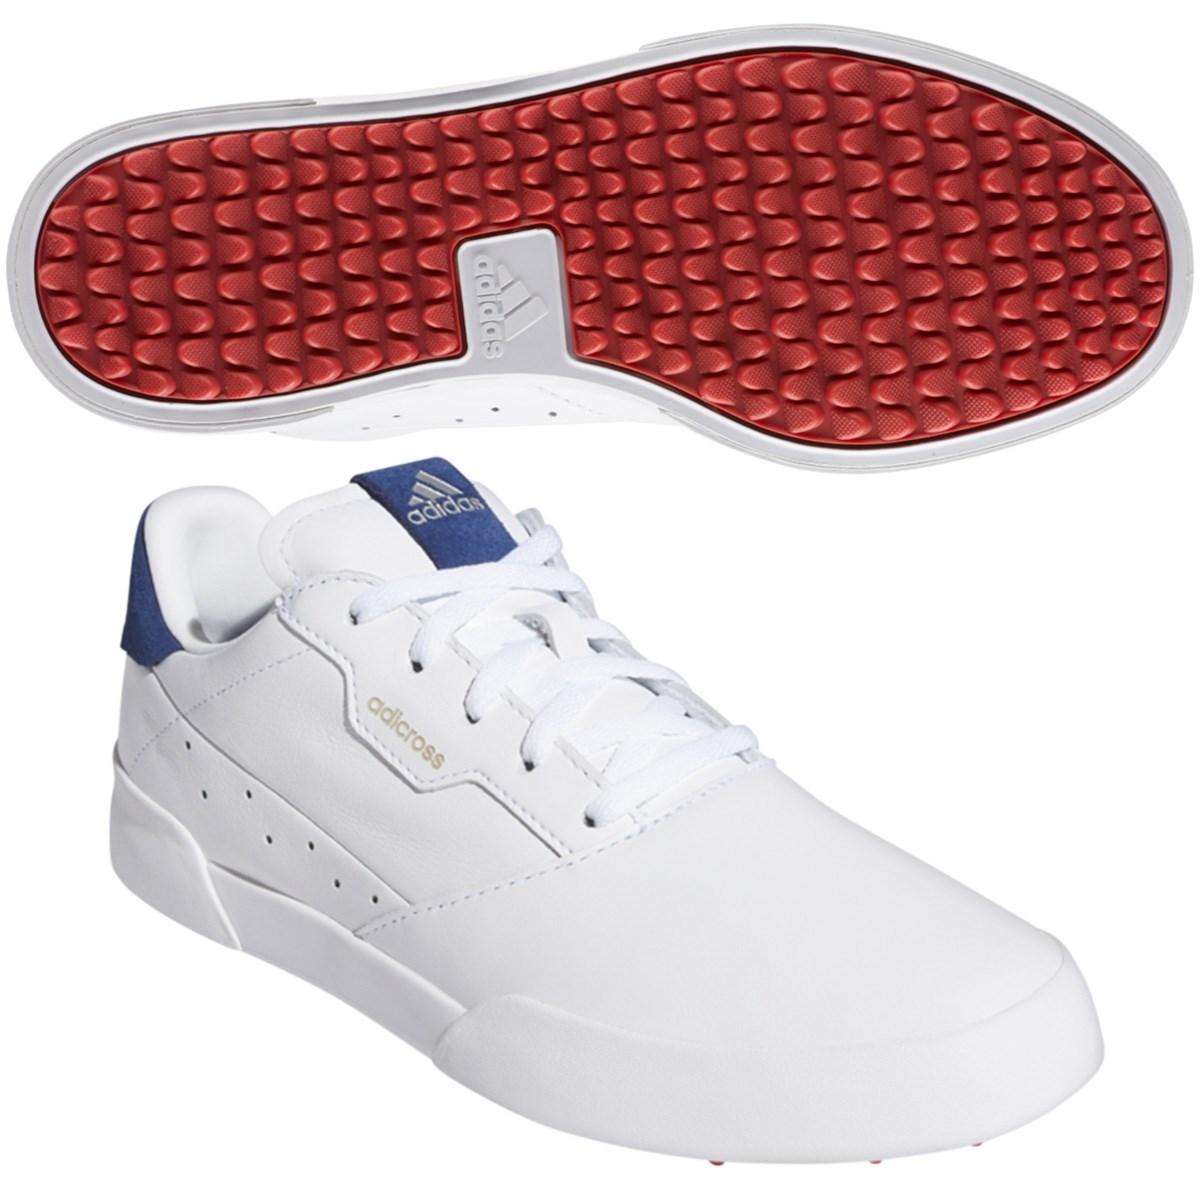 アディダス Adidas アディクロス レトロ シューズ 22.5cm ホワイト/シルバーメタリック/テックインディゴ レディス